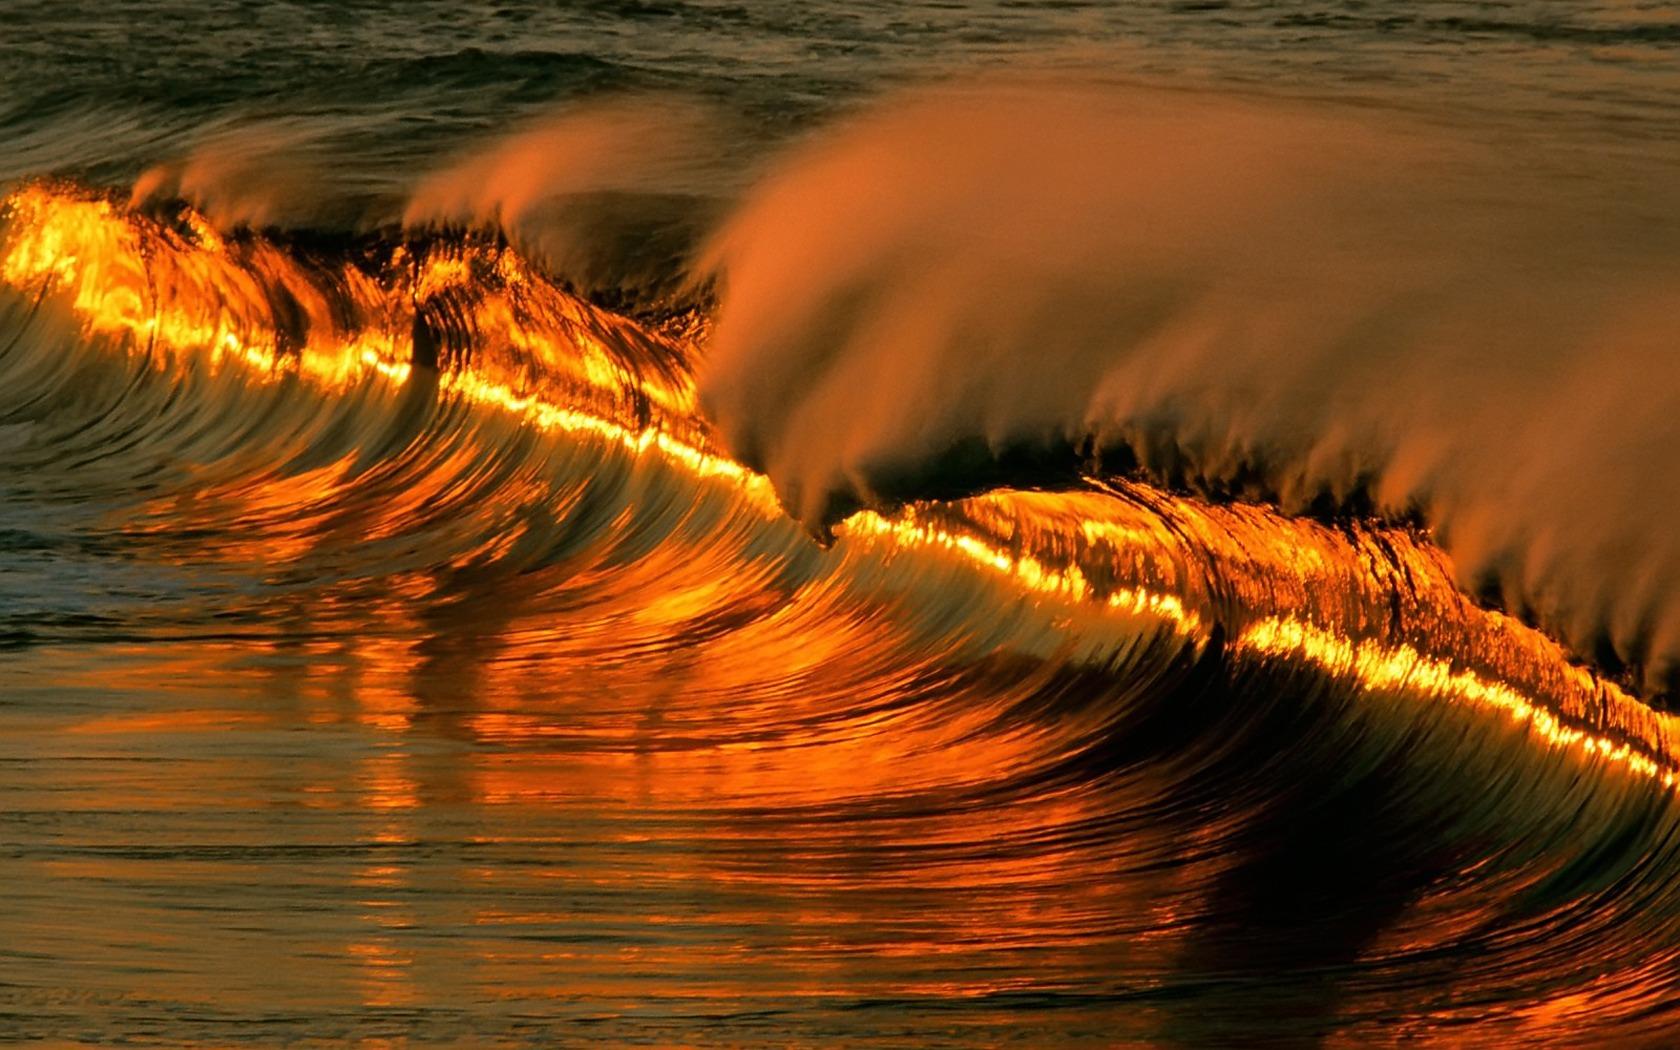 Fantastic Wallpaper Fire Gold - golden_wave_wallpaper_other_nature_1368  Photograph_101734 .jpg